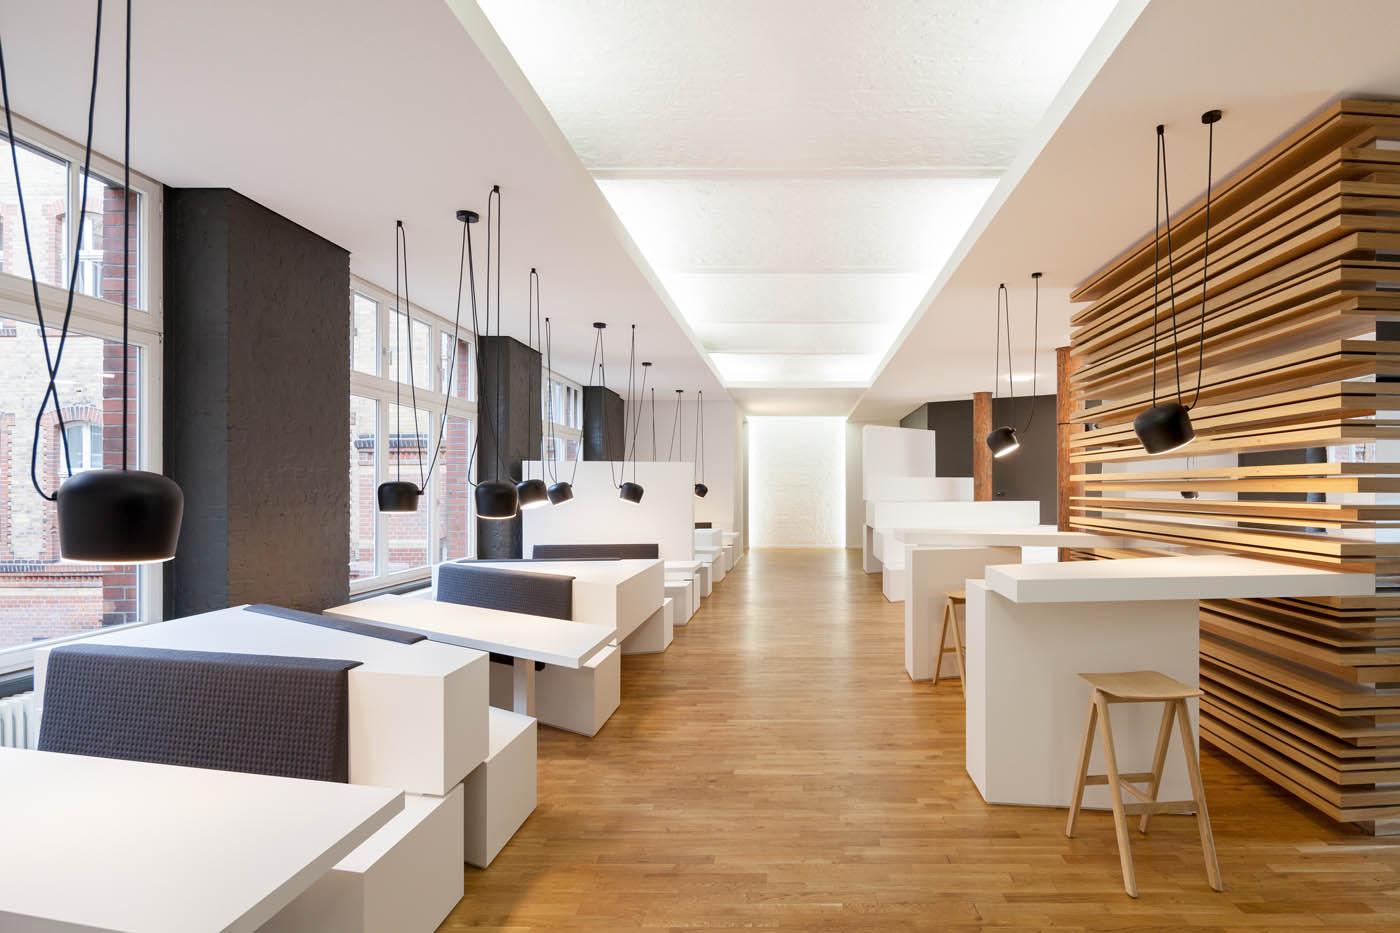 Architekturfotografie Axthelm Rolvien Architekten Baudokumentation Interior Design